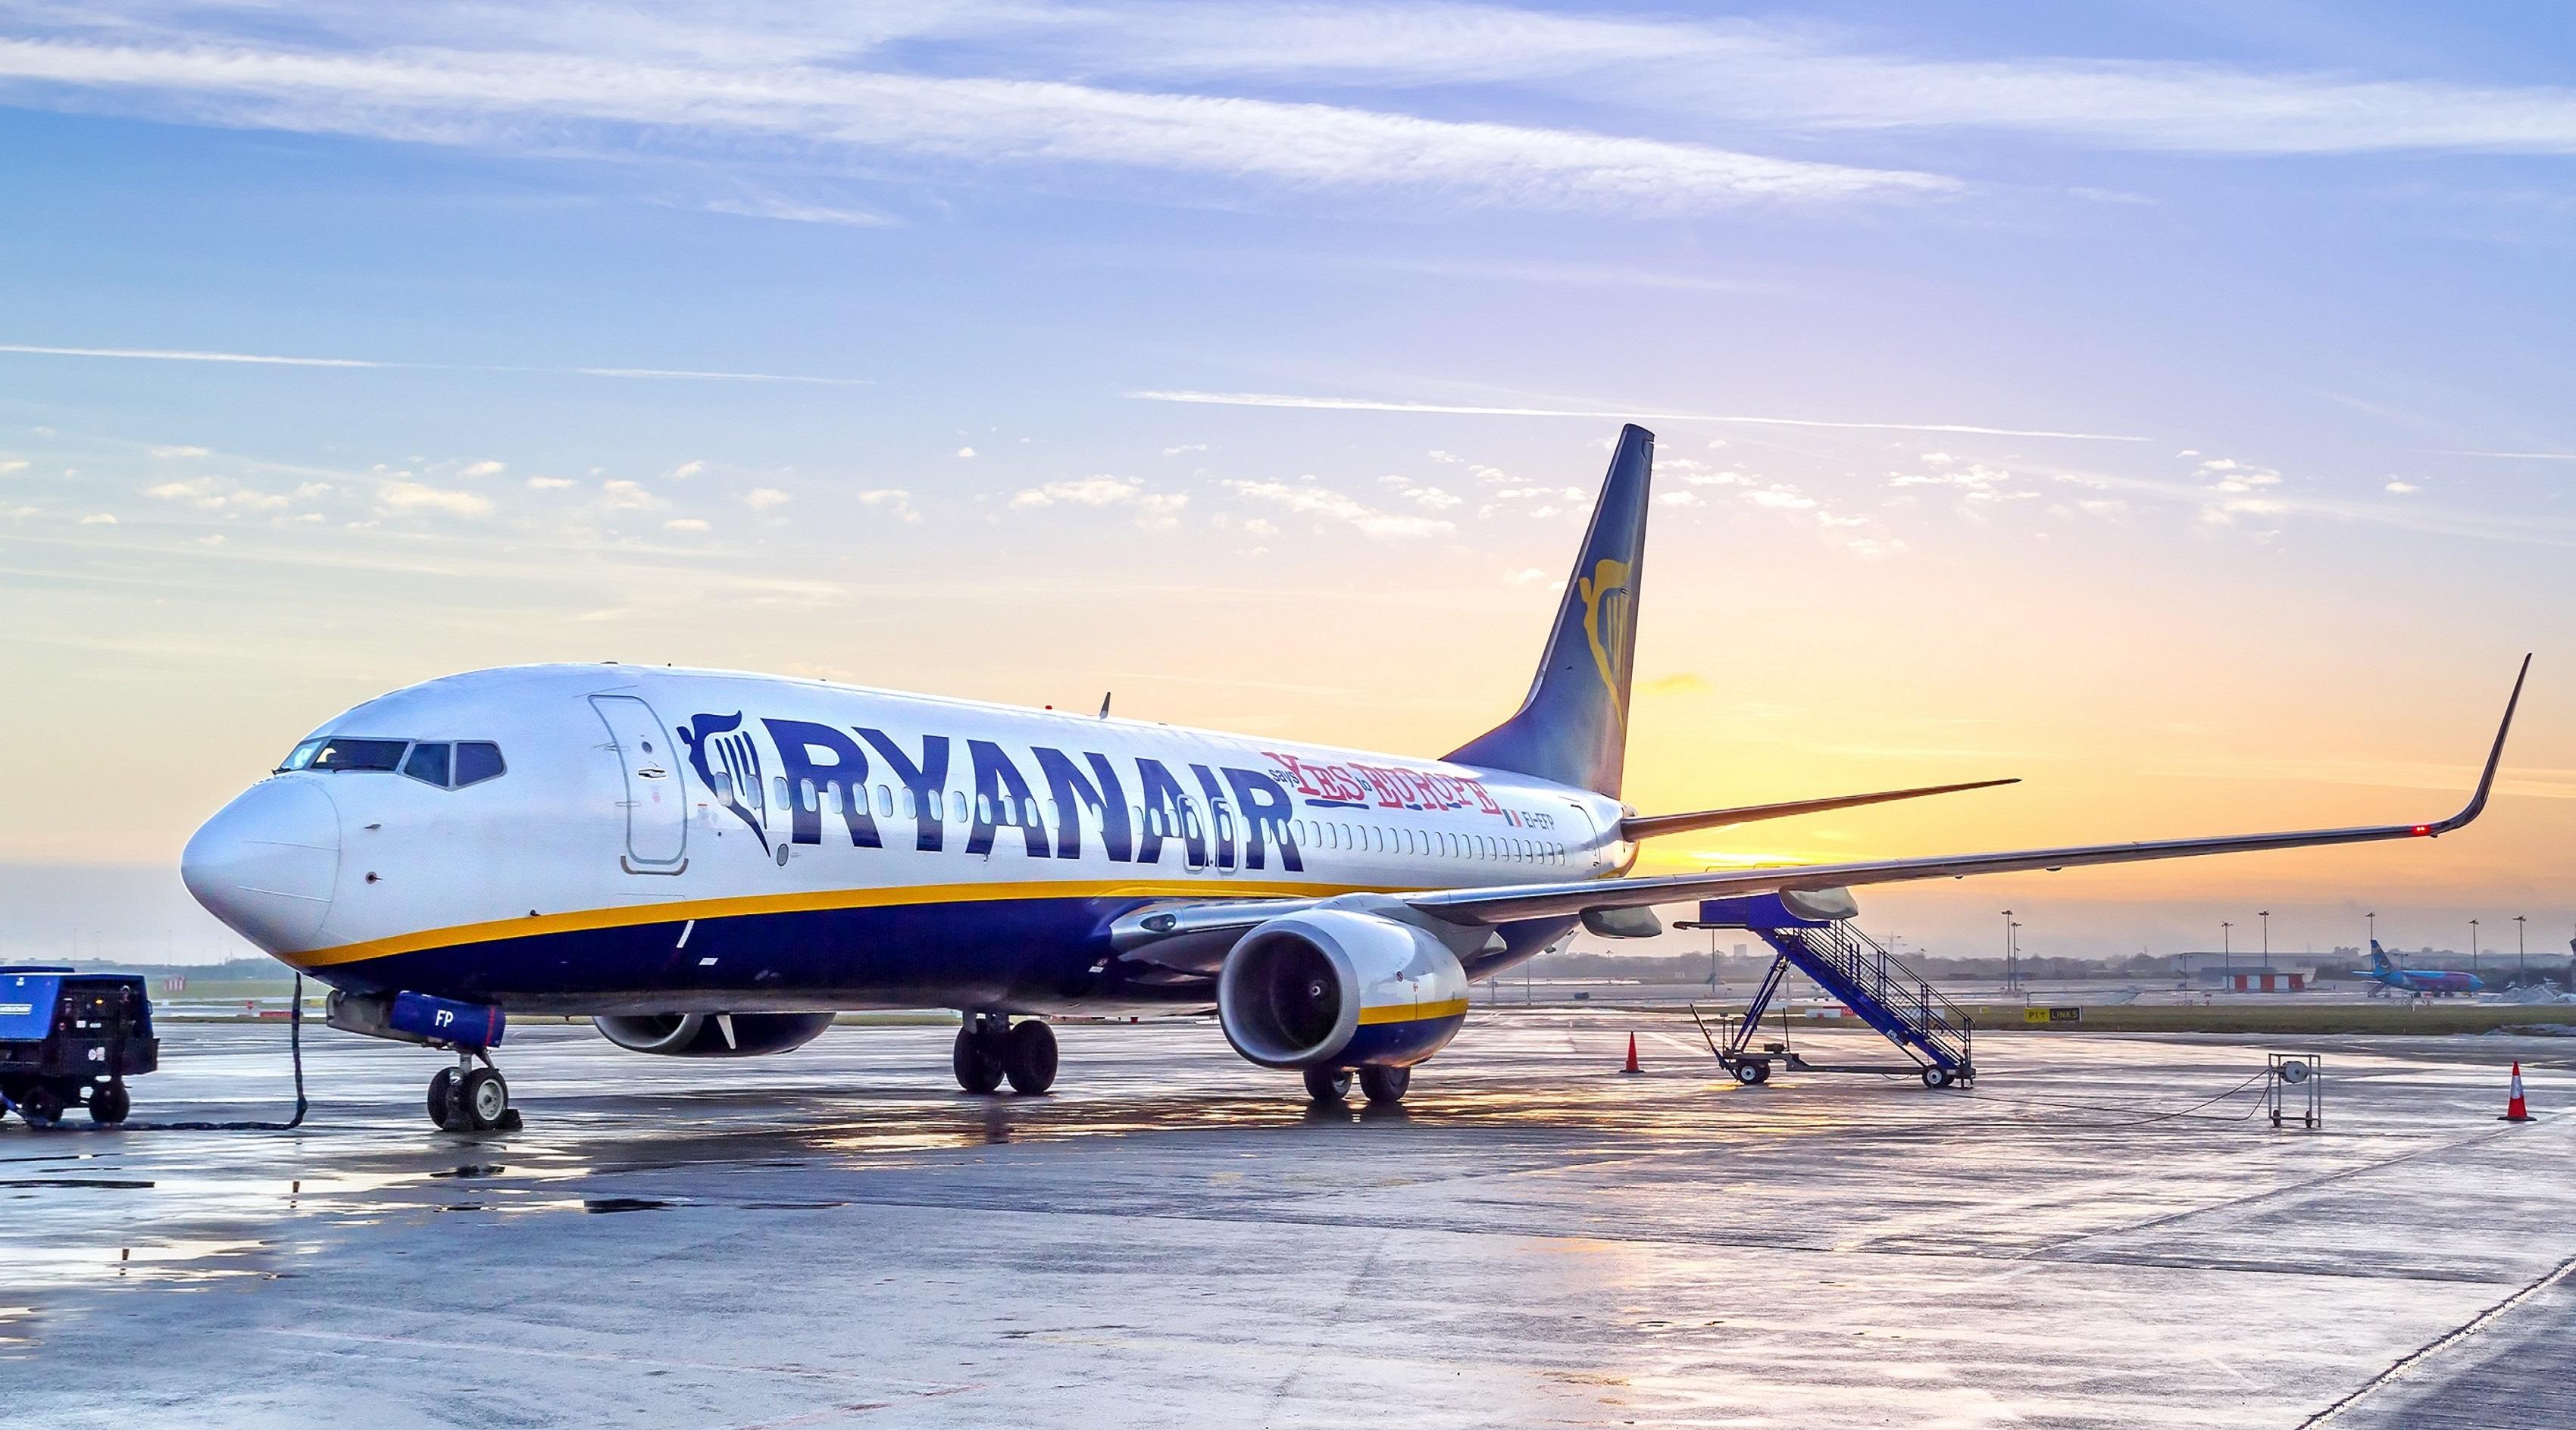 Il caso Ryanair: è caos nella gestione dei passeggeri